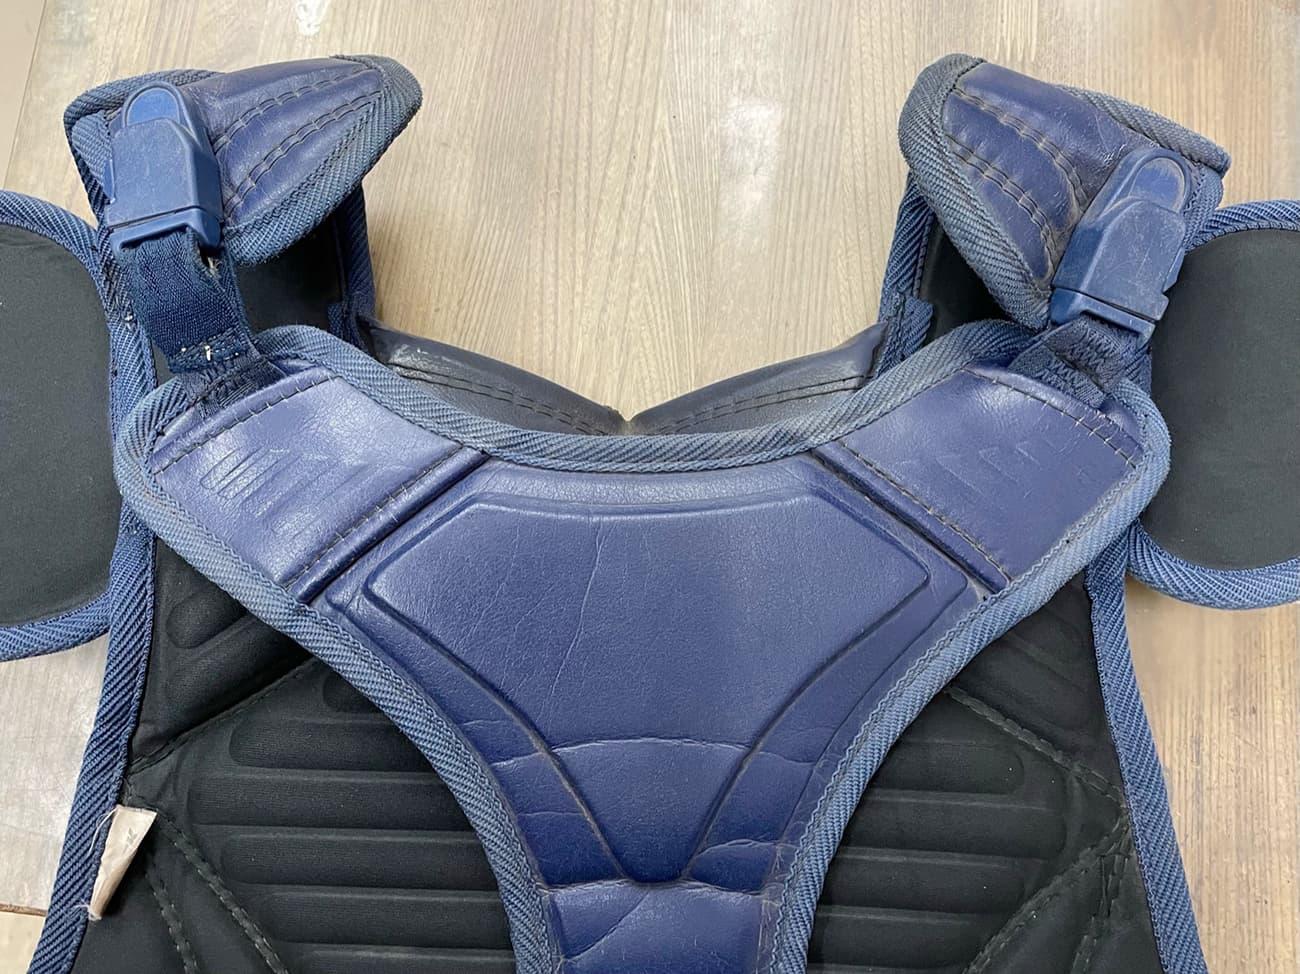 肩から背中にかけて身体に固定するバンドがちぎれたものの修理|キャッチャー防具修理。修理完了